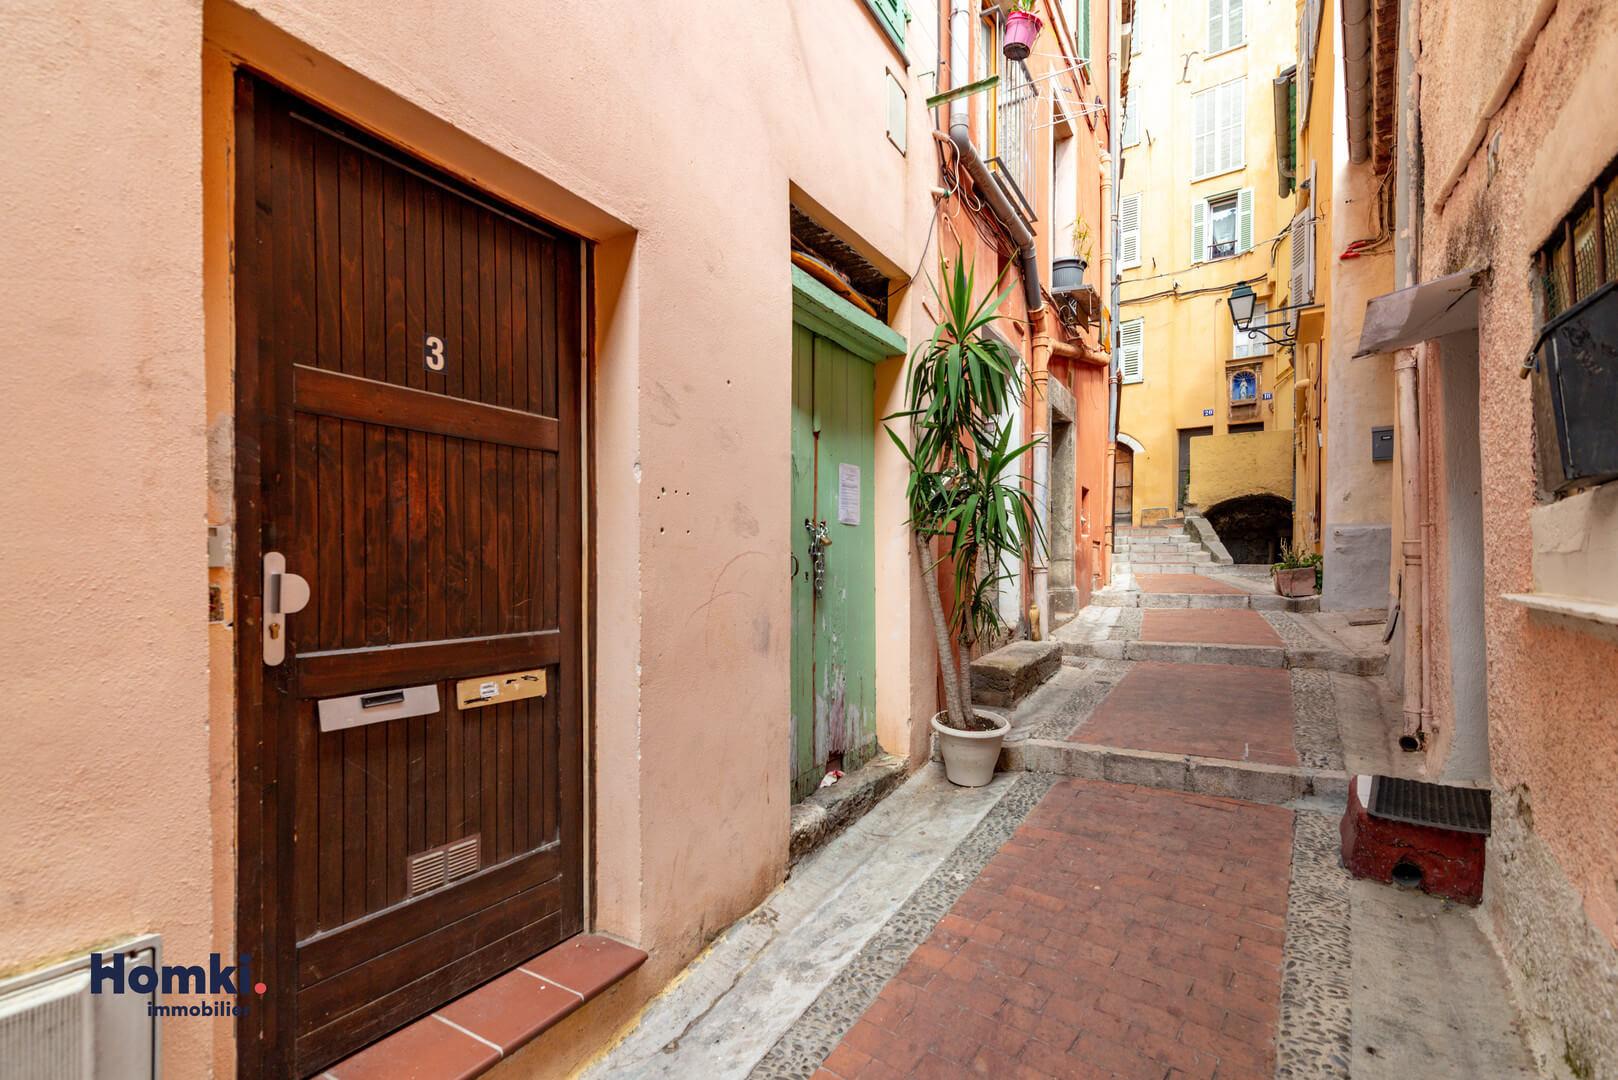 Vente appartement Menton T2 06500 Côte d'Azur French Riviera Investissement_8